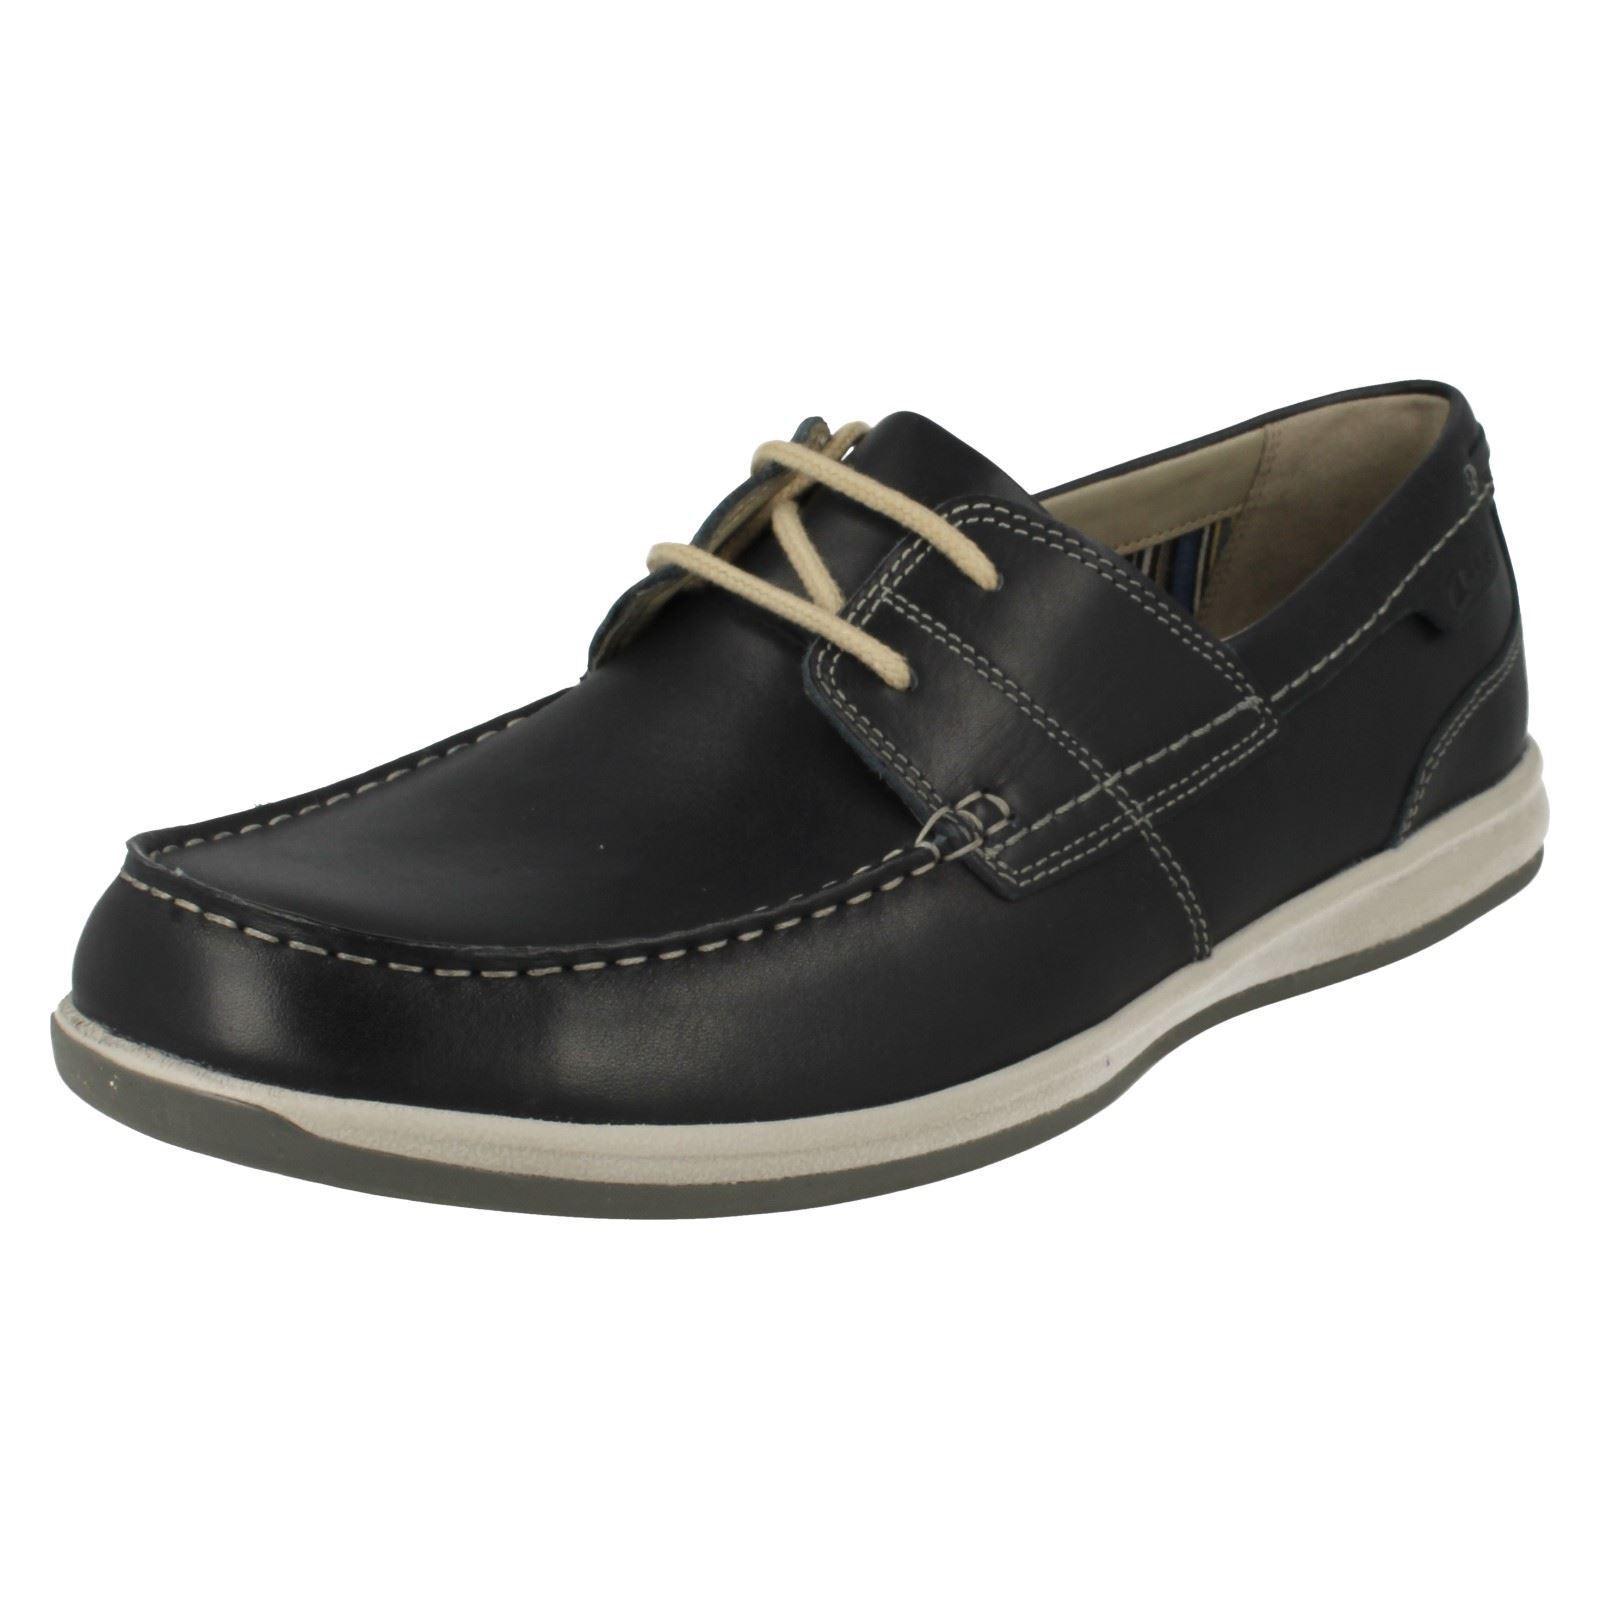 Clarks 'fallston style' homme marine laçage cuir chaussures décontractées Smart